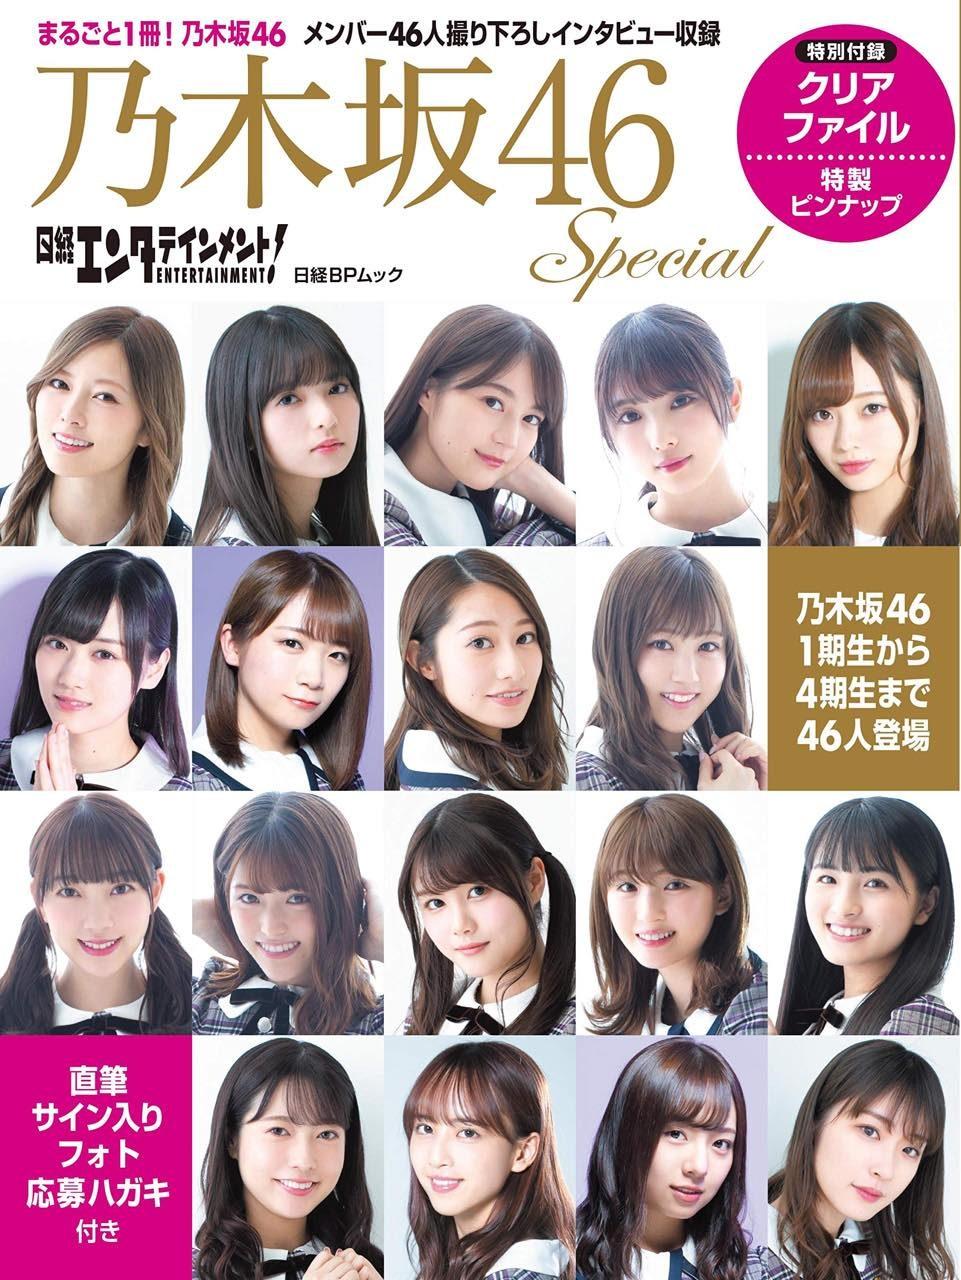 日経エンタテインメント!乃木坂46 Special